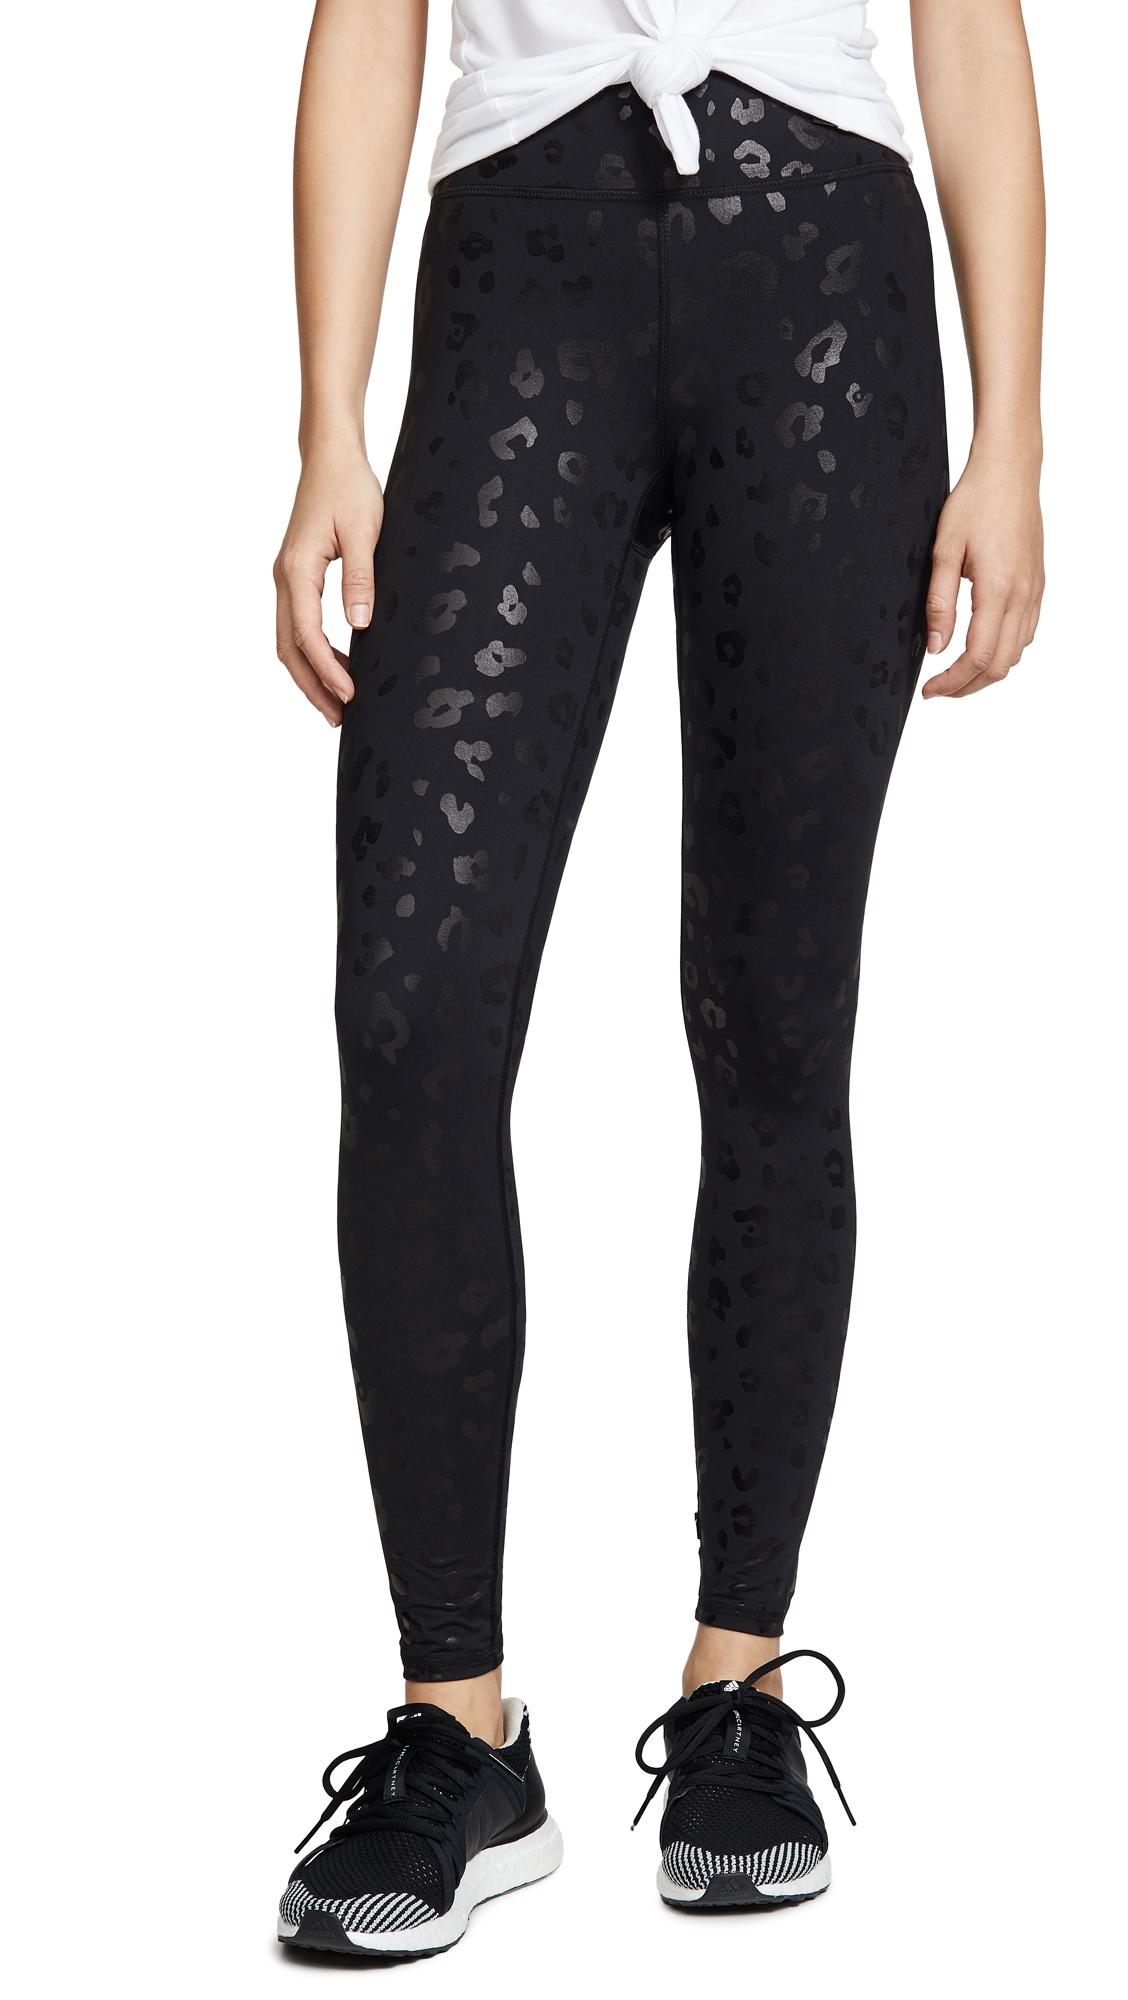 Terez Black Cheetah Foil Leggings